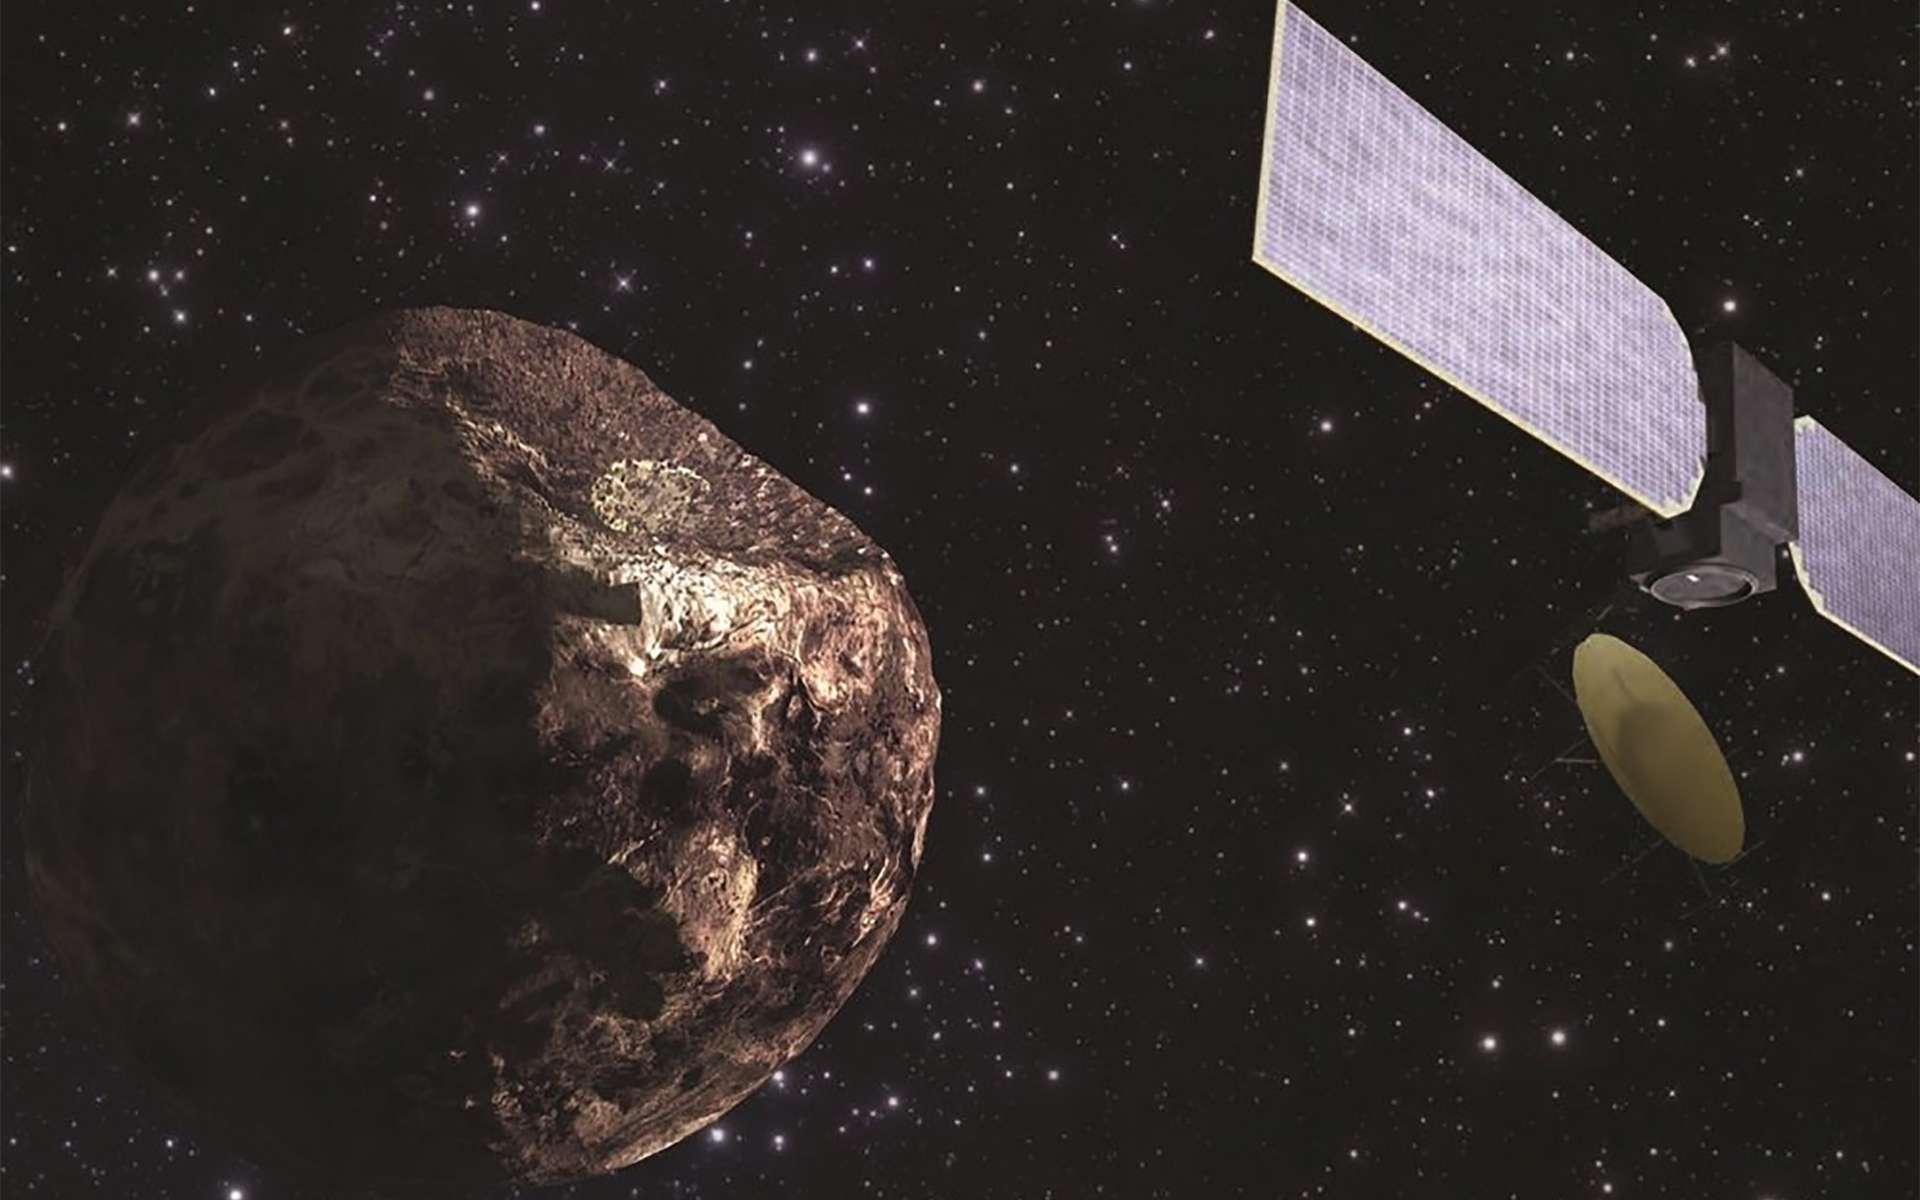 Vue d'artiste d'une sonde arrivant à proximité de la protoplanète Pallas. © B.E. Schmidt & S. C. Radcliffe